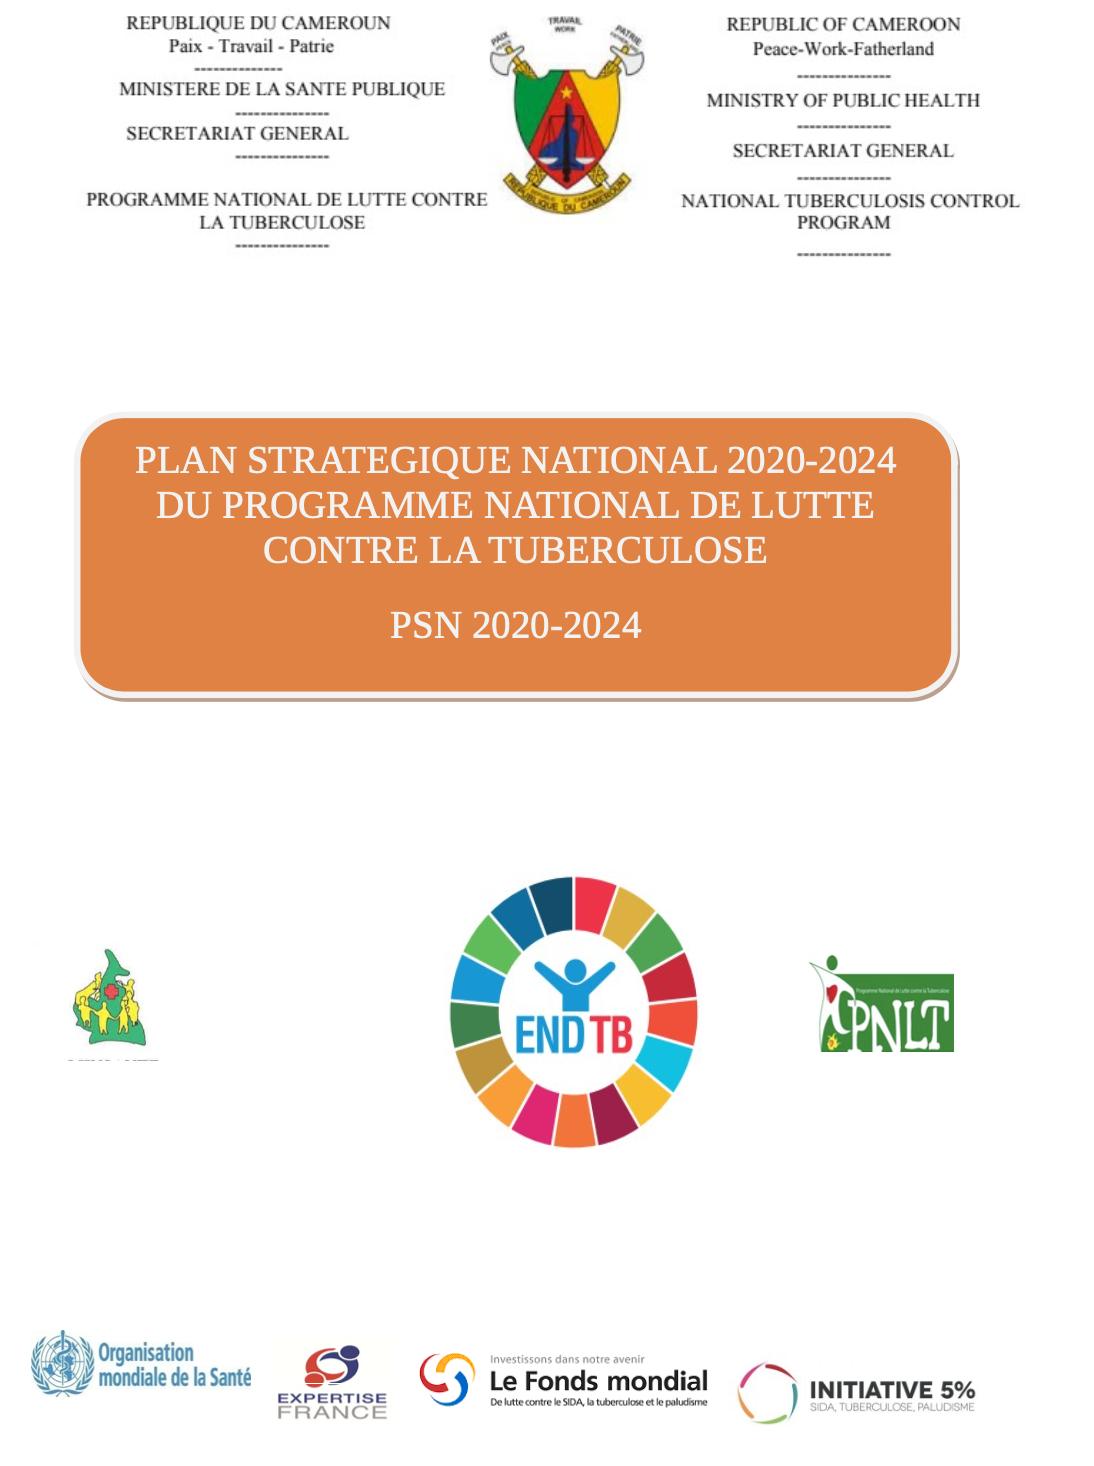 PLAN STRATEGIQUE NATIONAL 2020-2024 DU PROGRAMME NATIONAL DE LUTTE CONTRE LA TUBERCULOSE